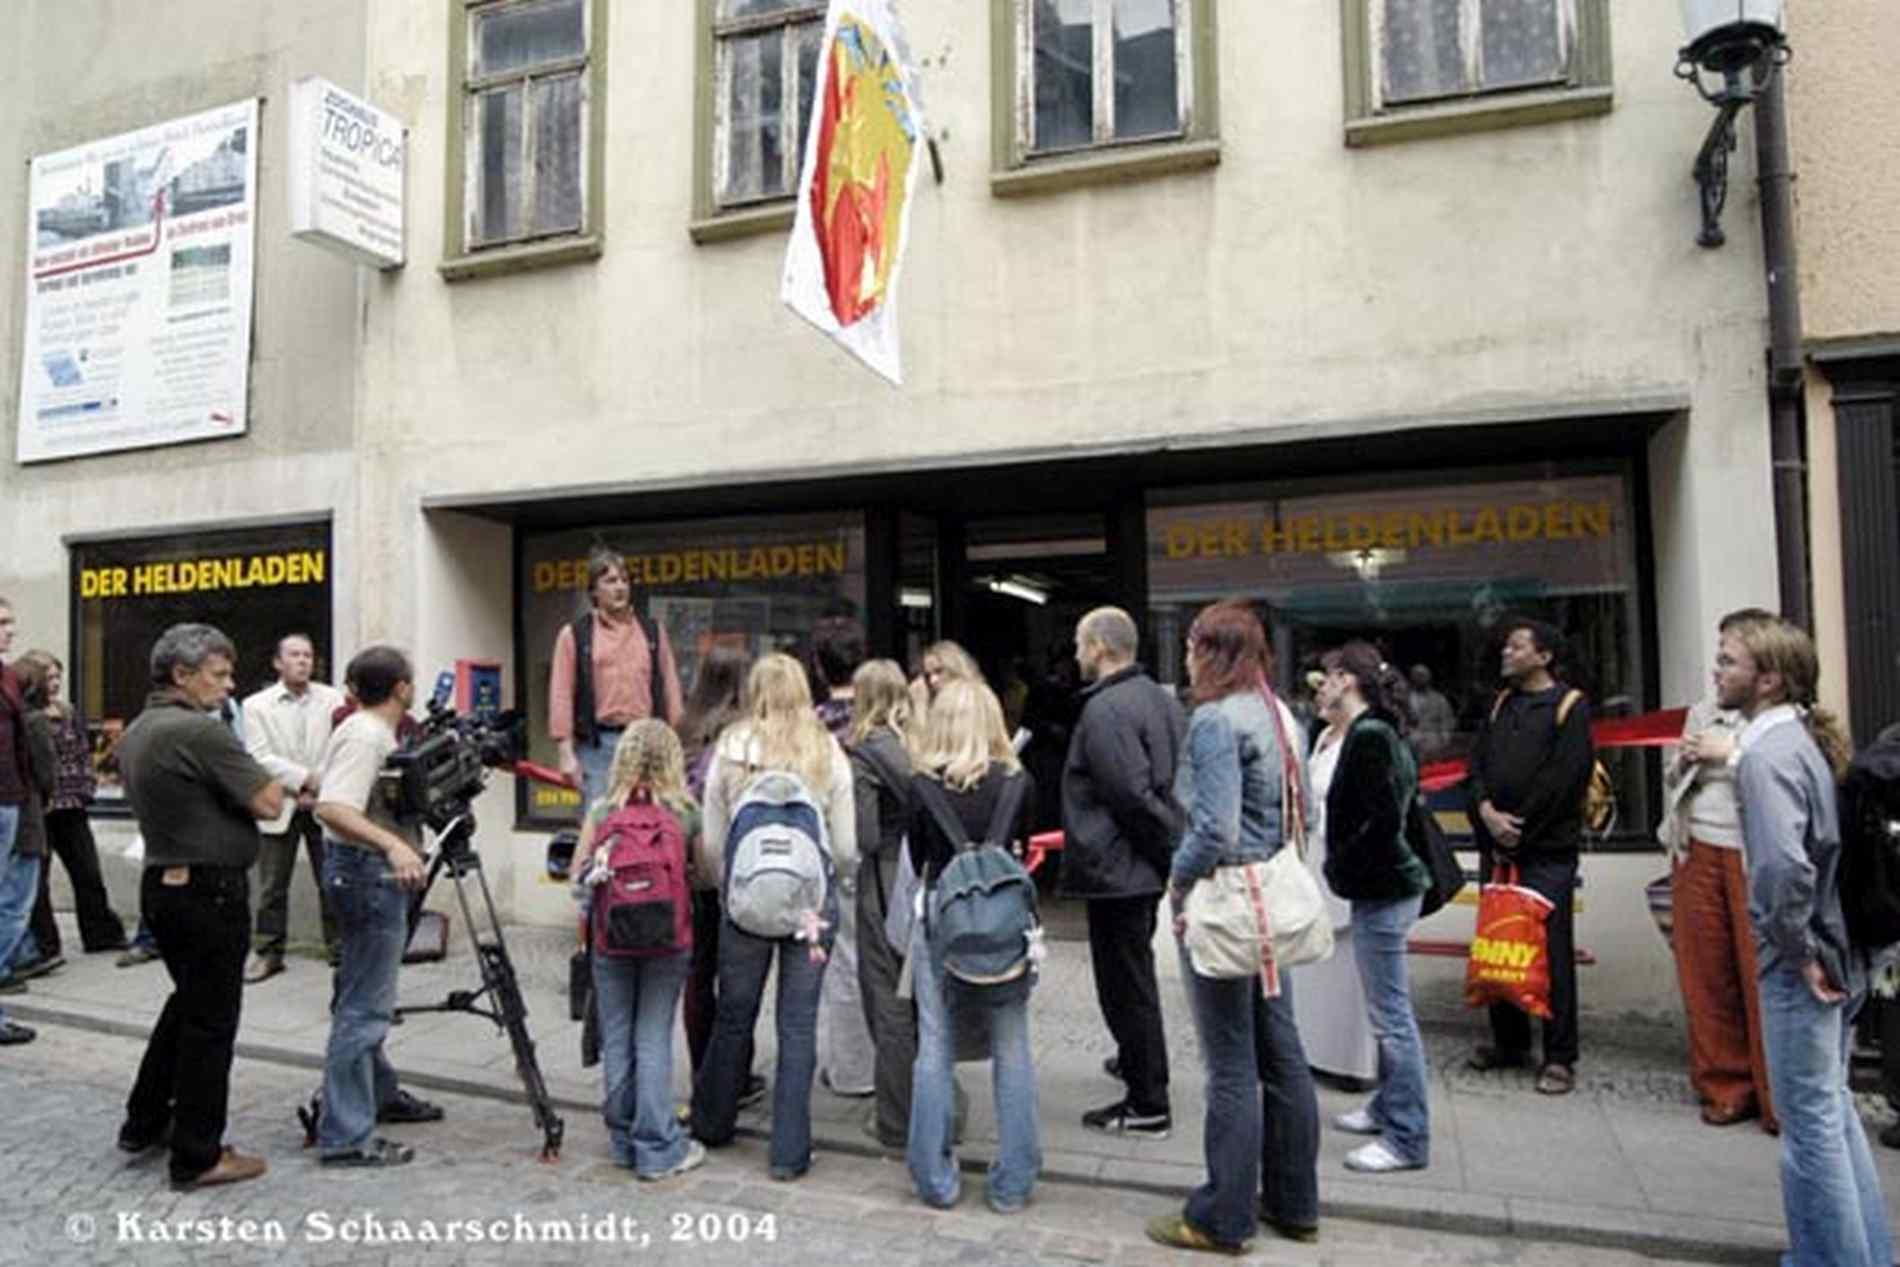 RB_015_XIII_Th_HELDENLADEN_2004_foto_karsten_schaarschmidt.jpg